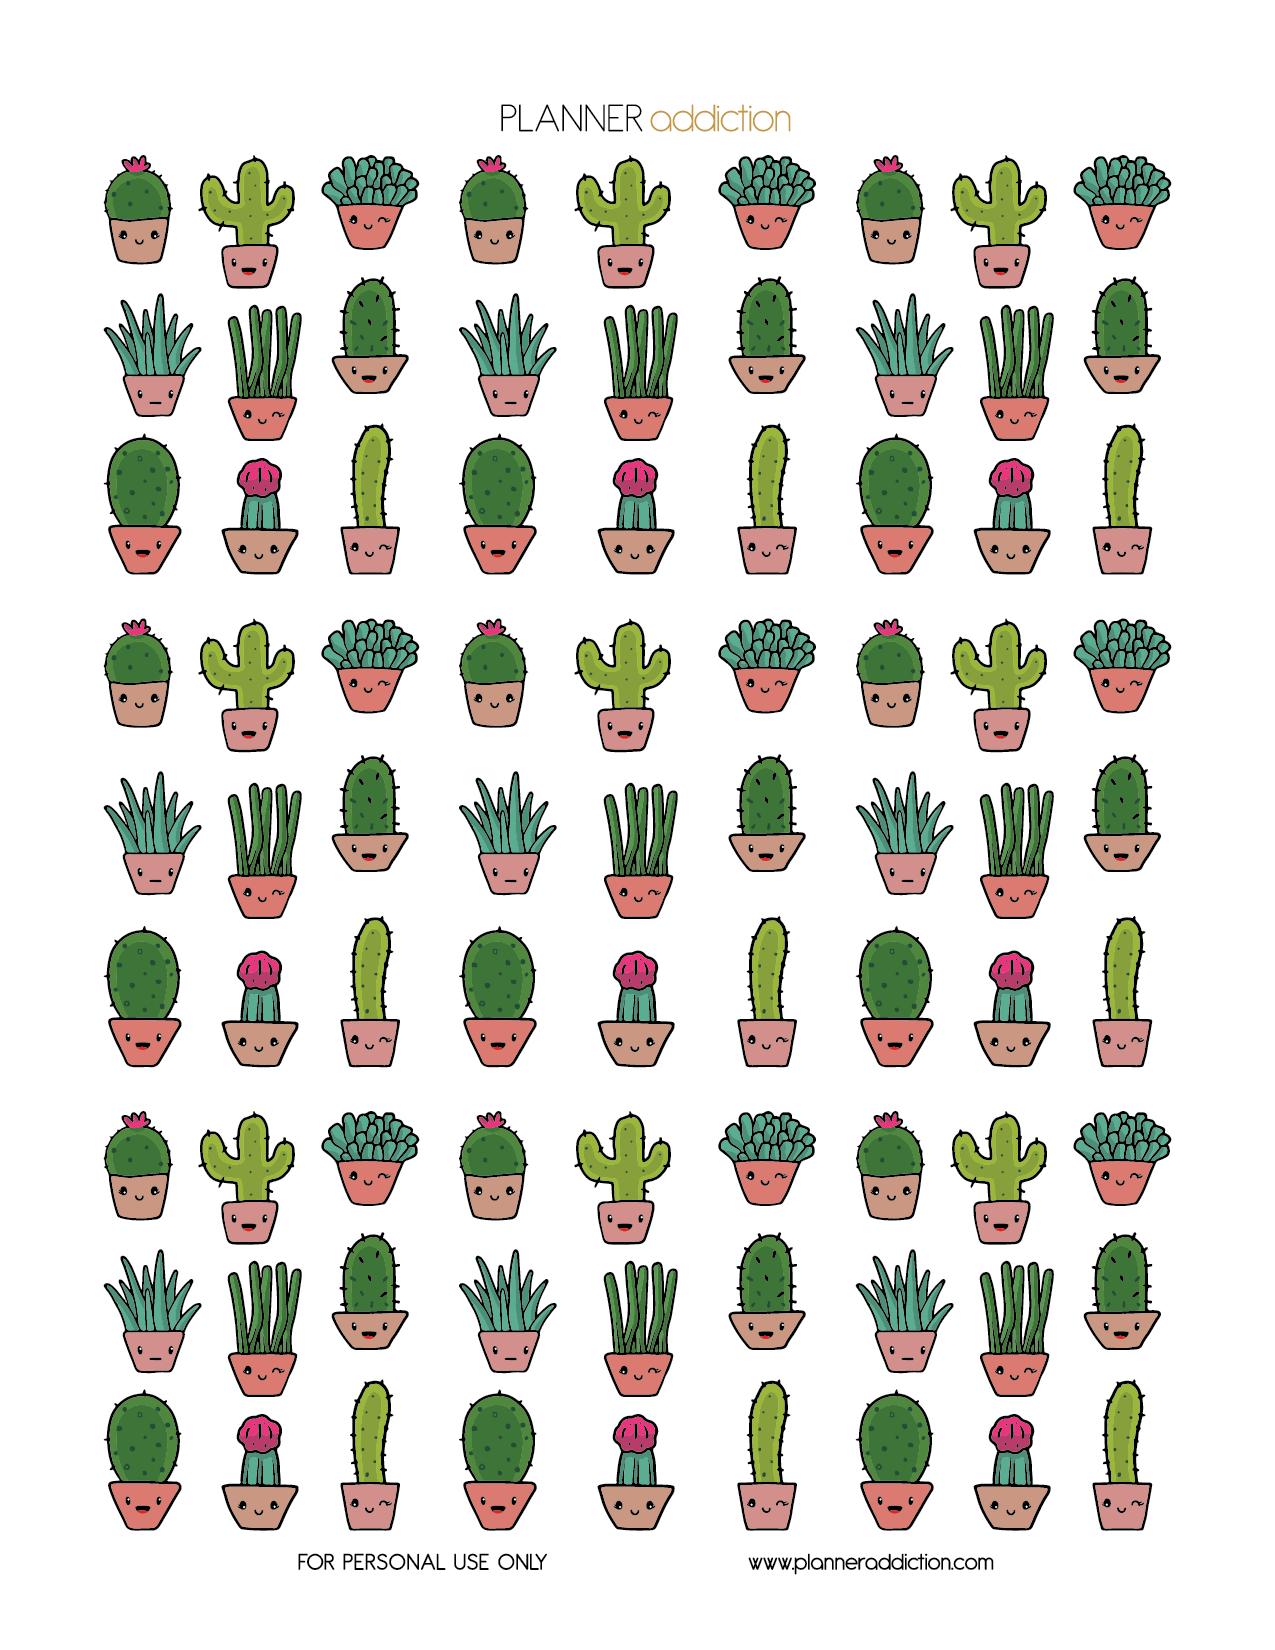 Printable Tumblr Stickers | Pictureicon - Free Printable Tumblr Stickers